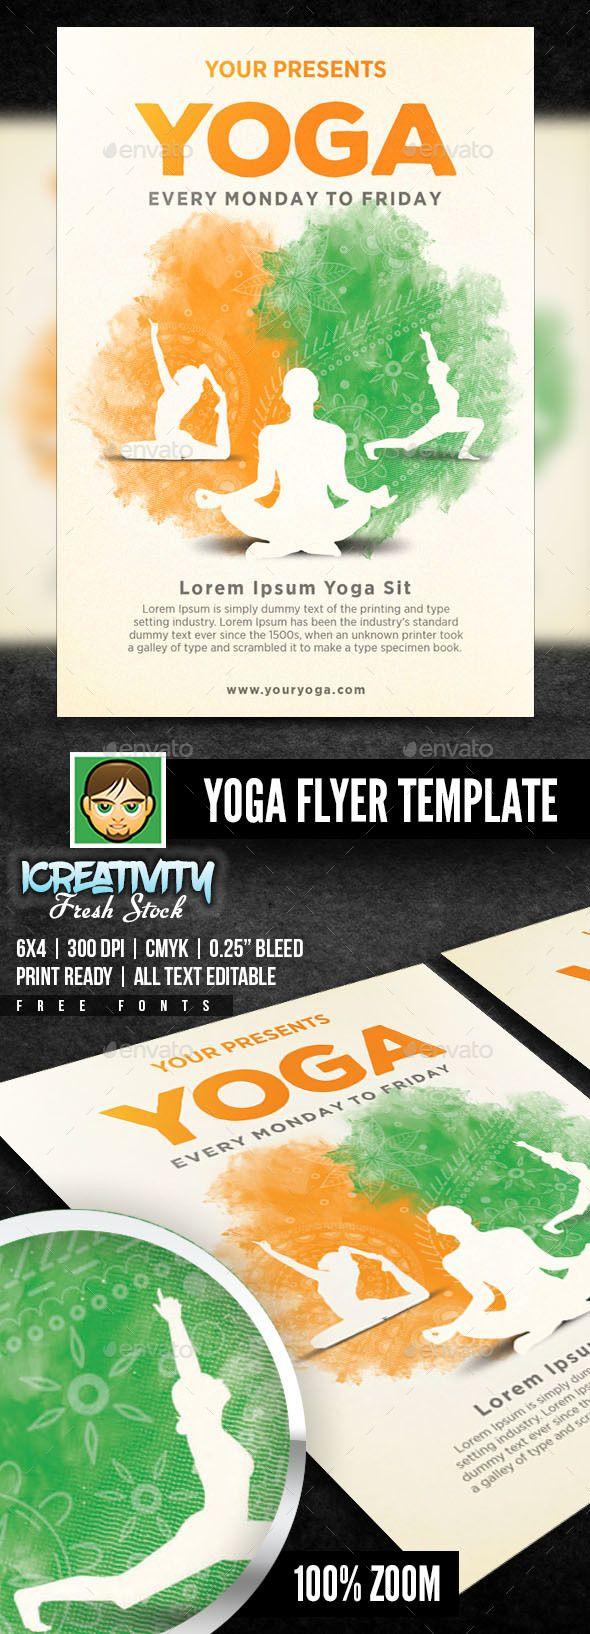 Ausgezeichnet Yoga Flyer Vorlage Galerie - Beispiel Wiederaufnahme ...